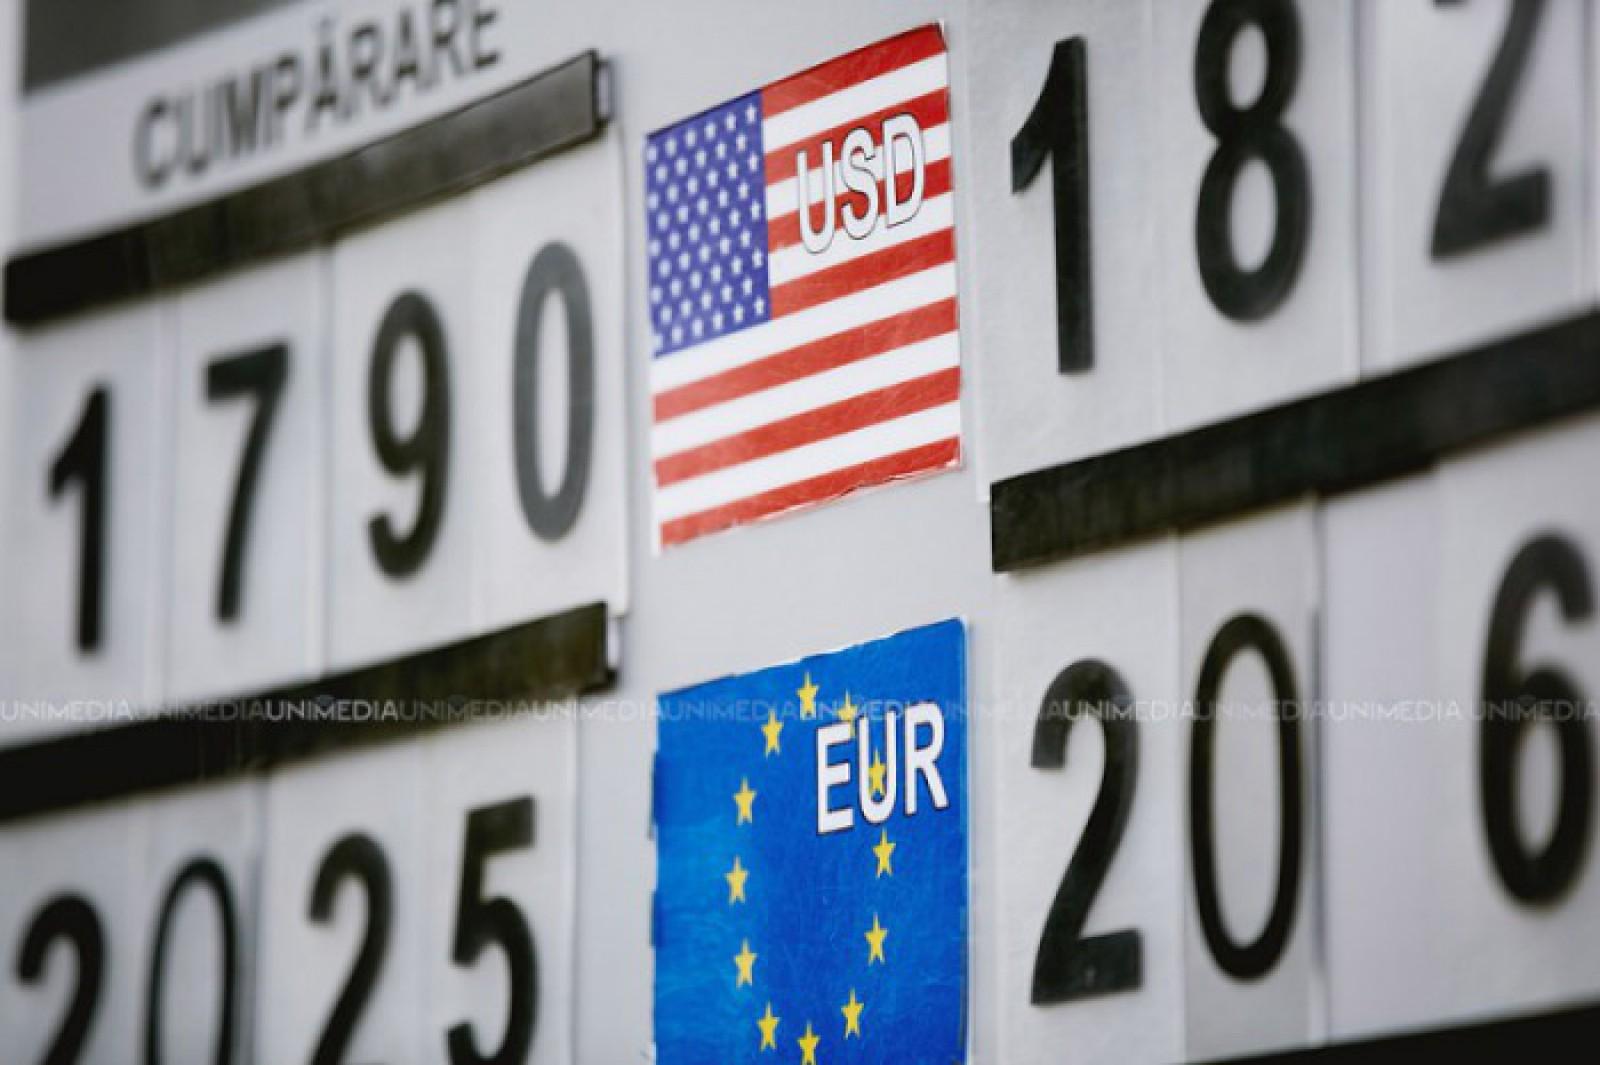 Curs valutar: Leul moldovenesc rămâne neschimbat față de orice monedă